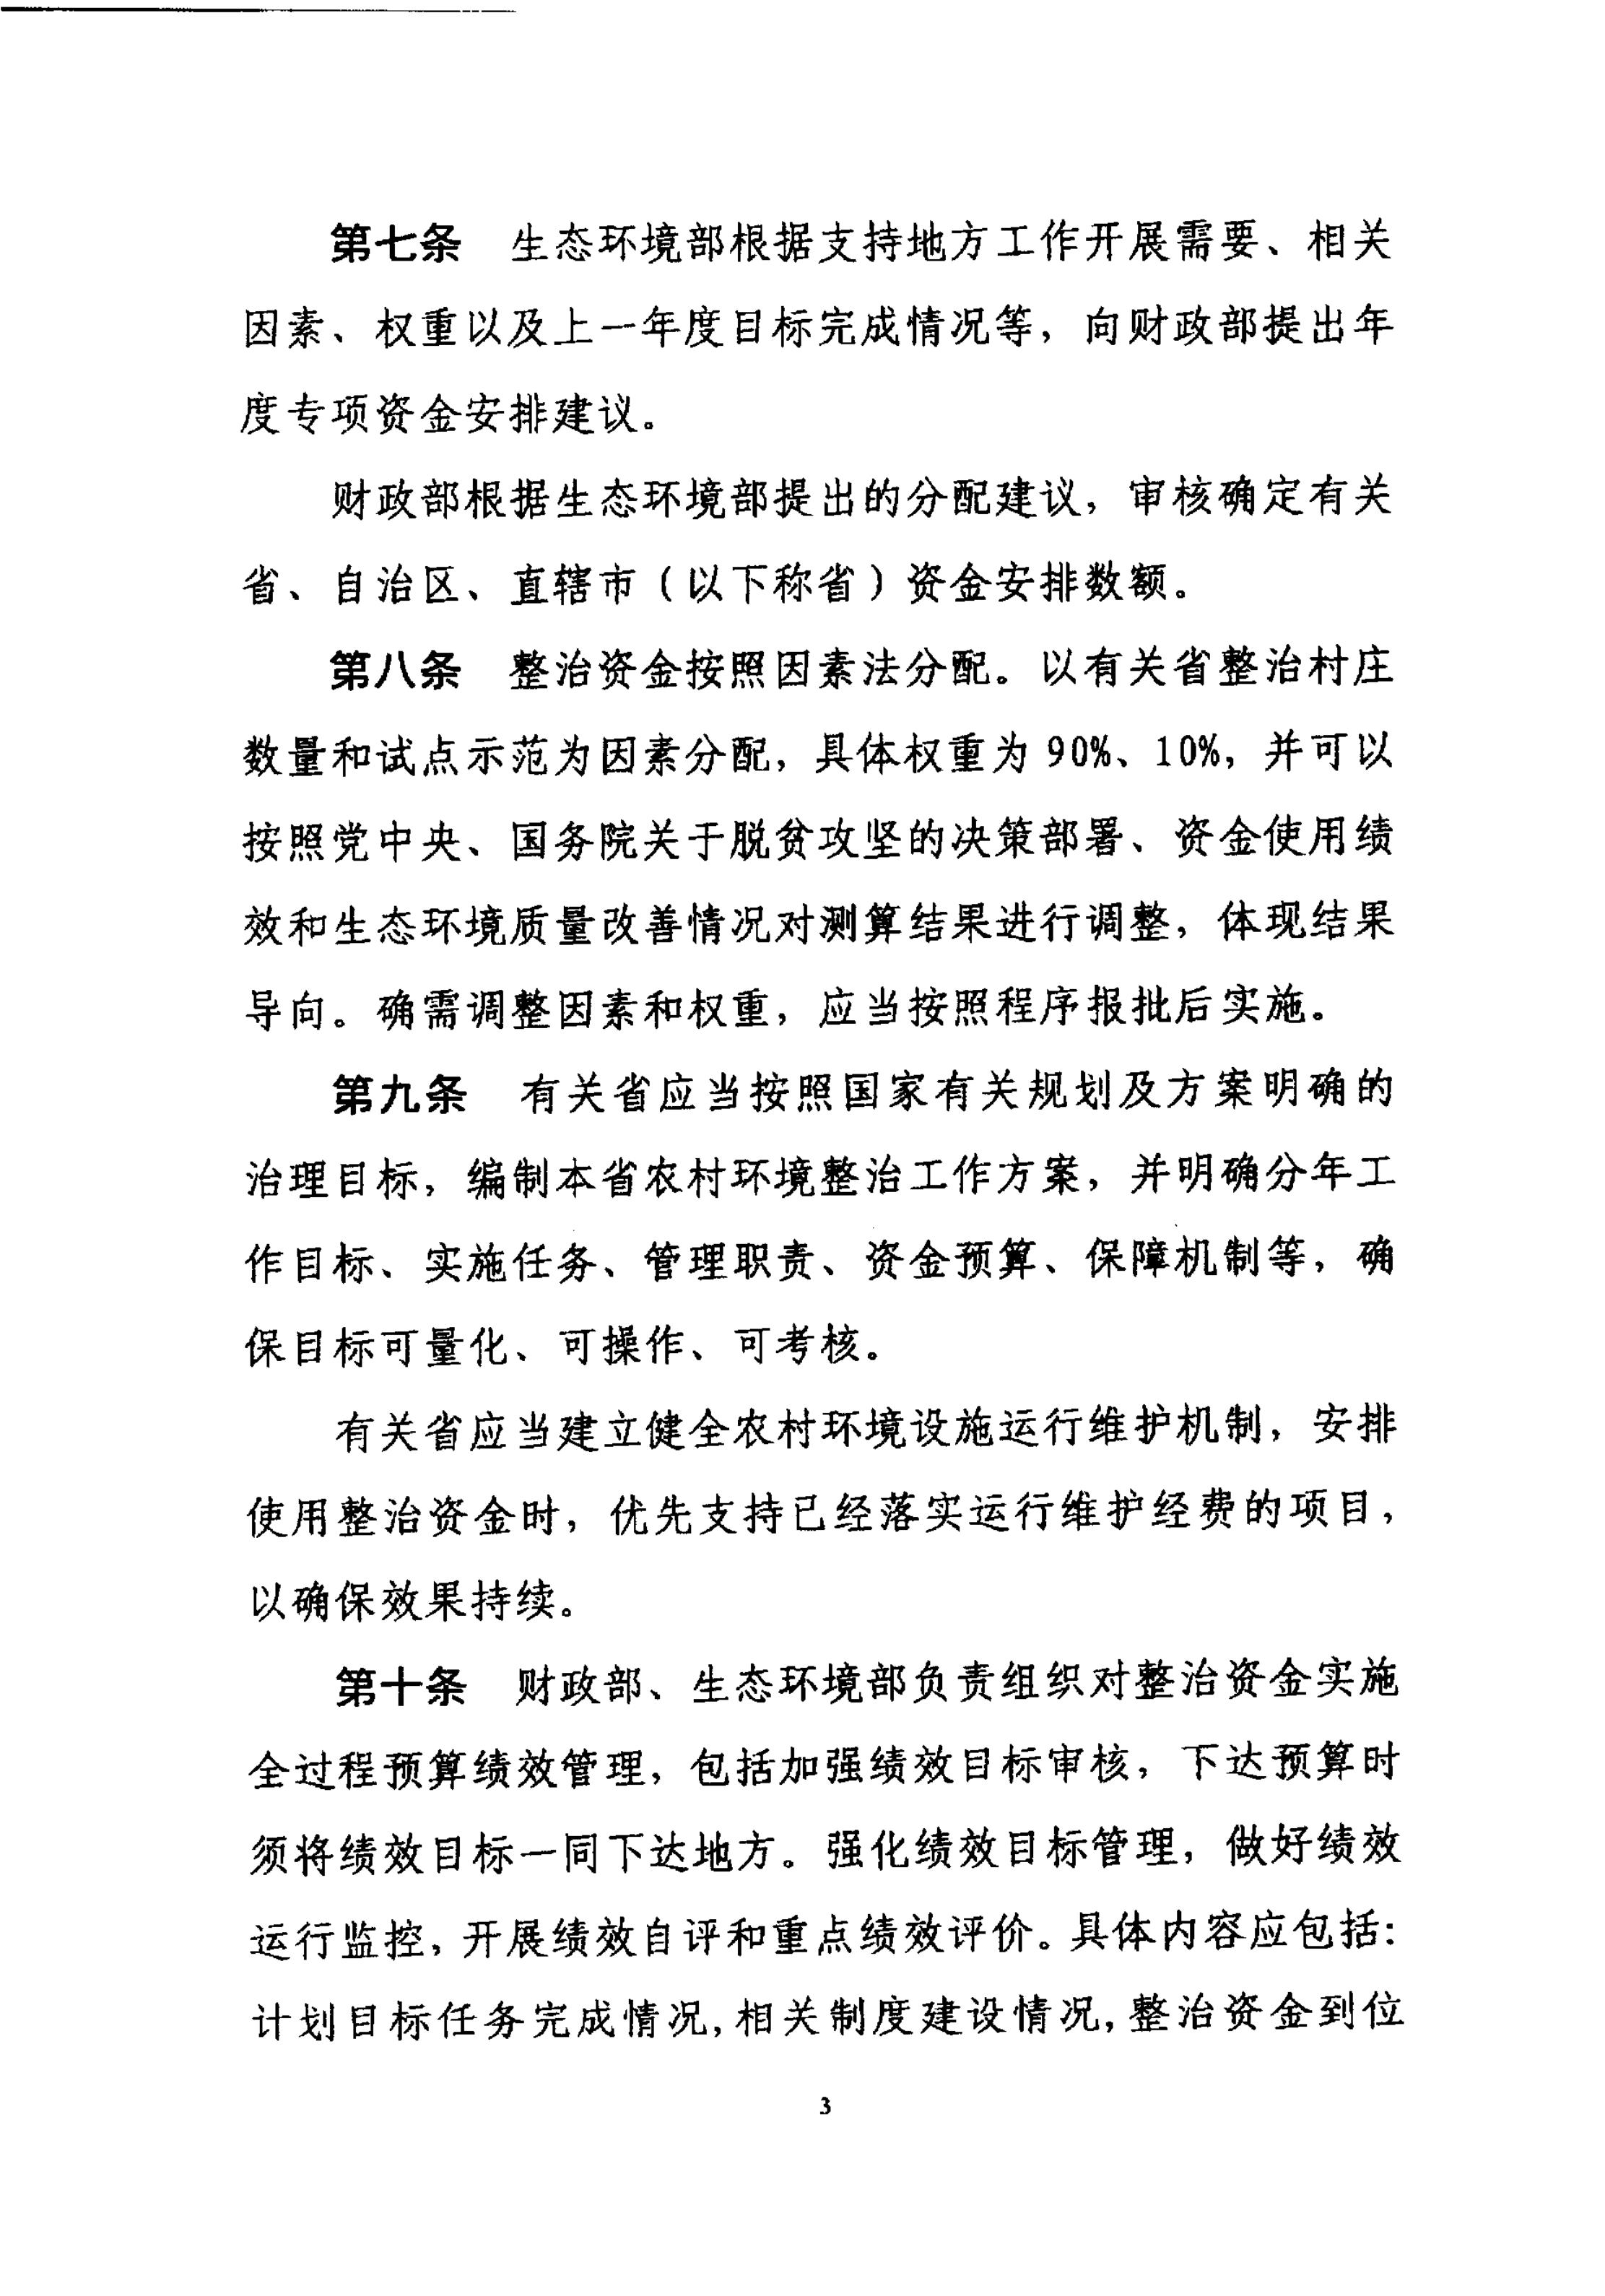 财政部关于印发《农村环境整治资金管理办法》的通知_03.png